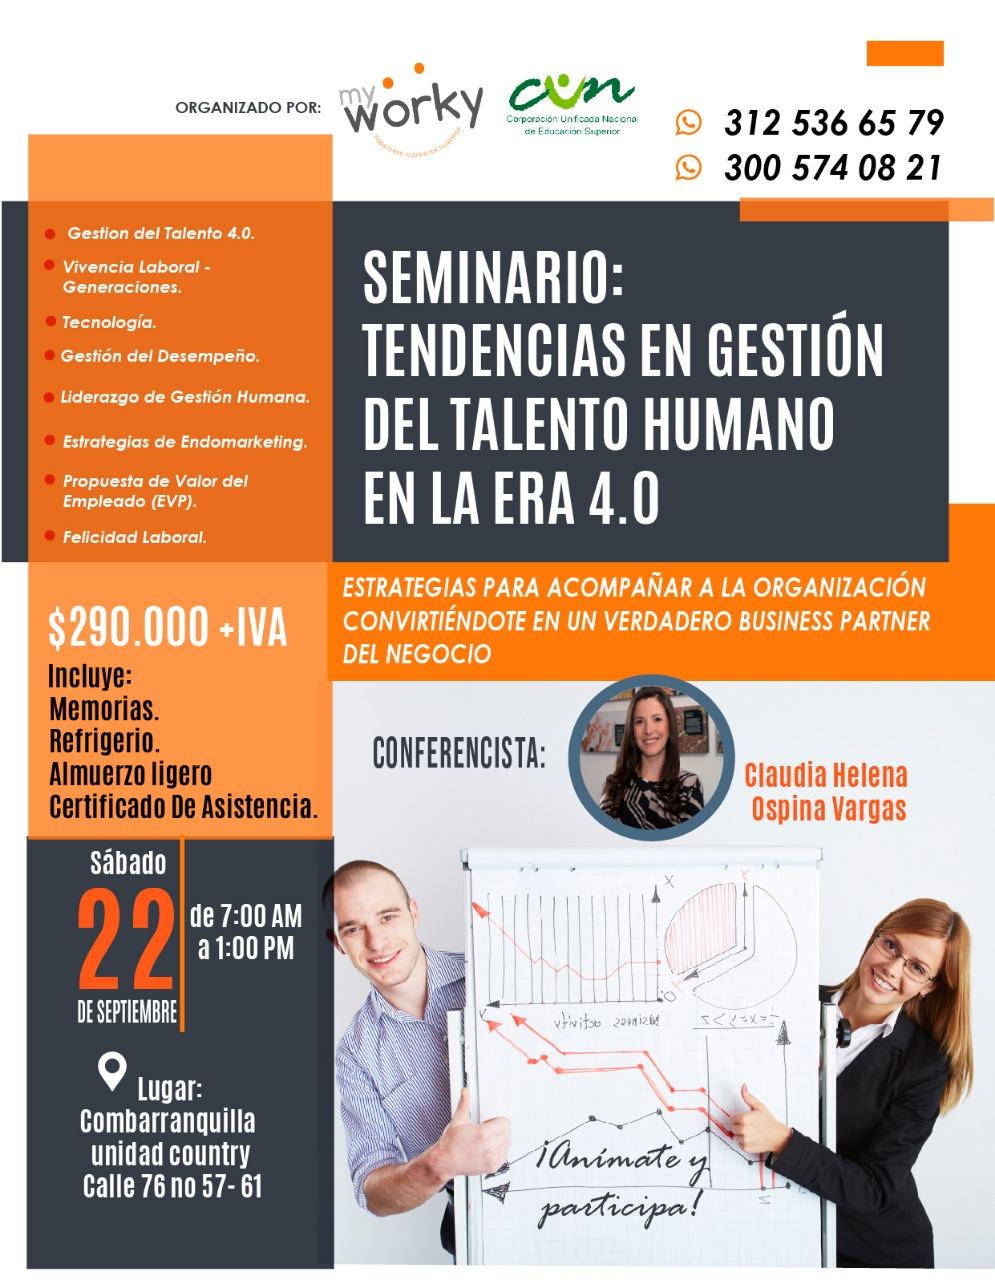 Imagen Invitacion Seminario